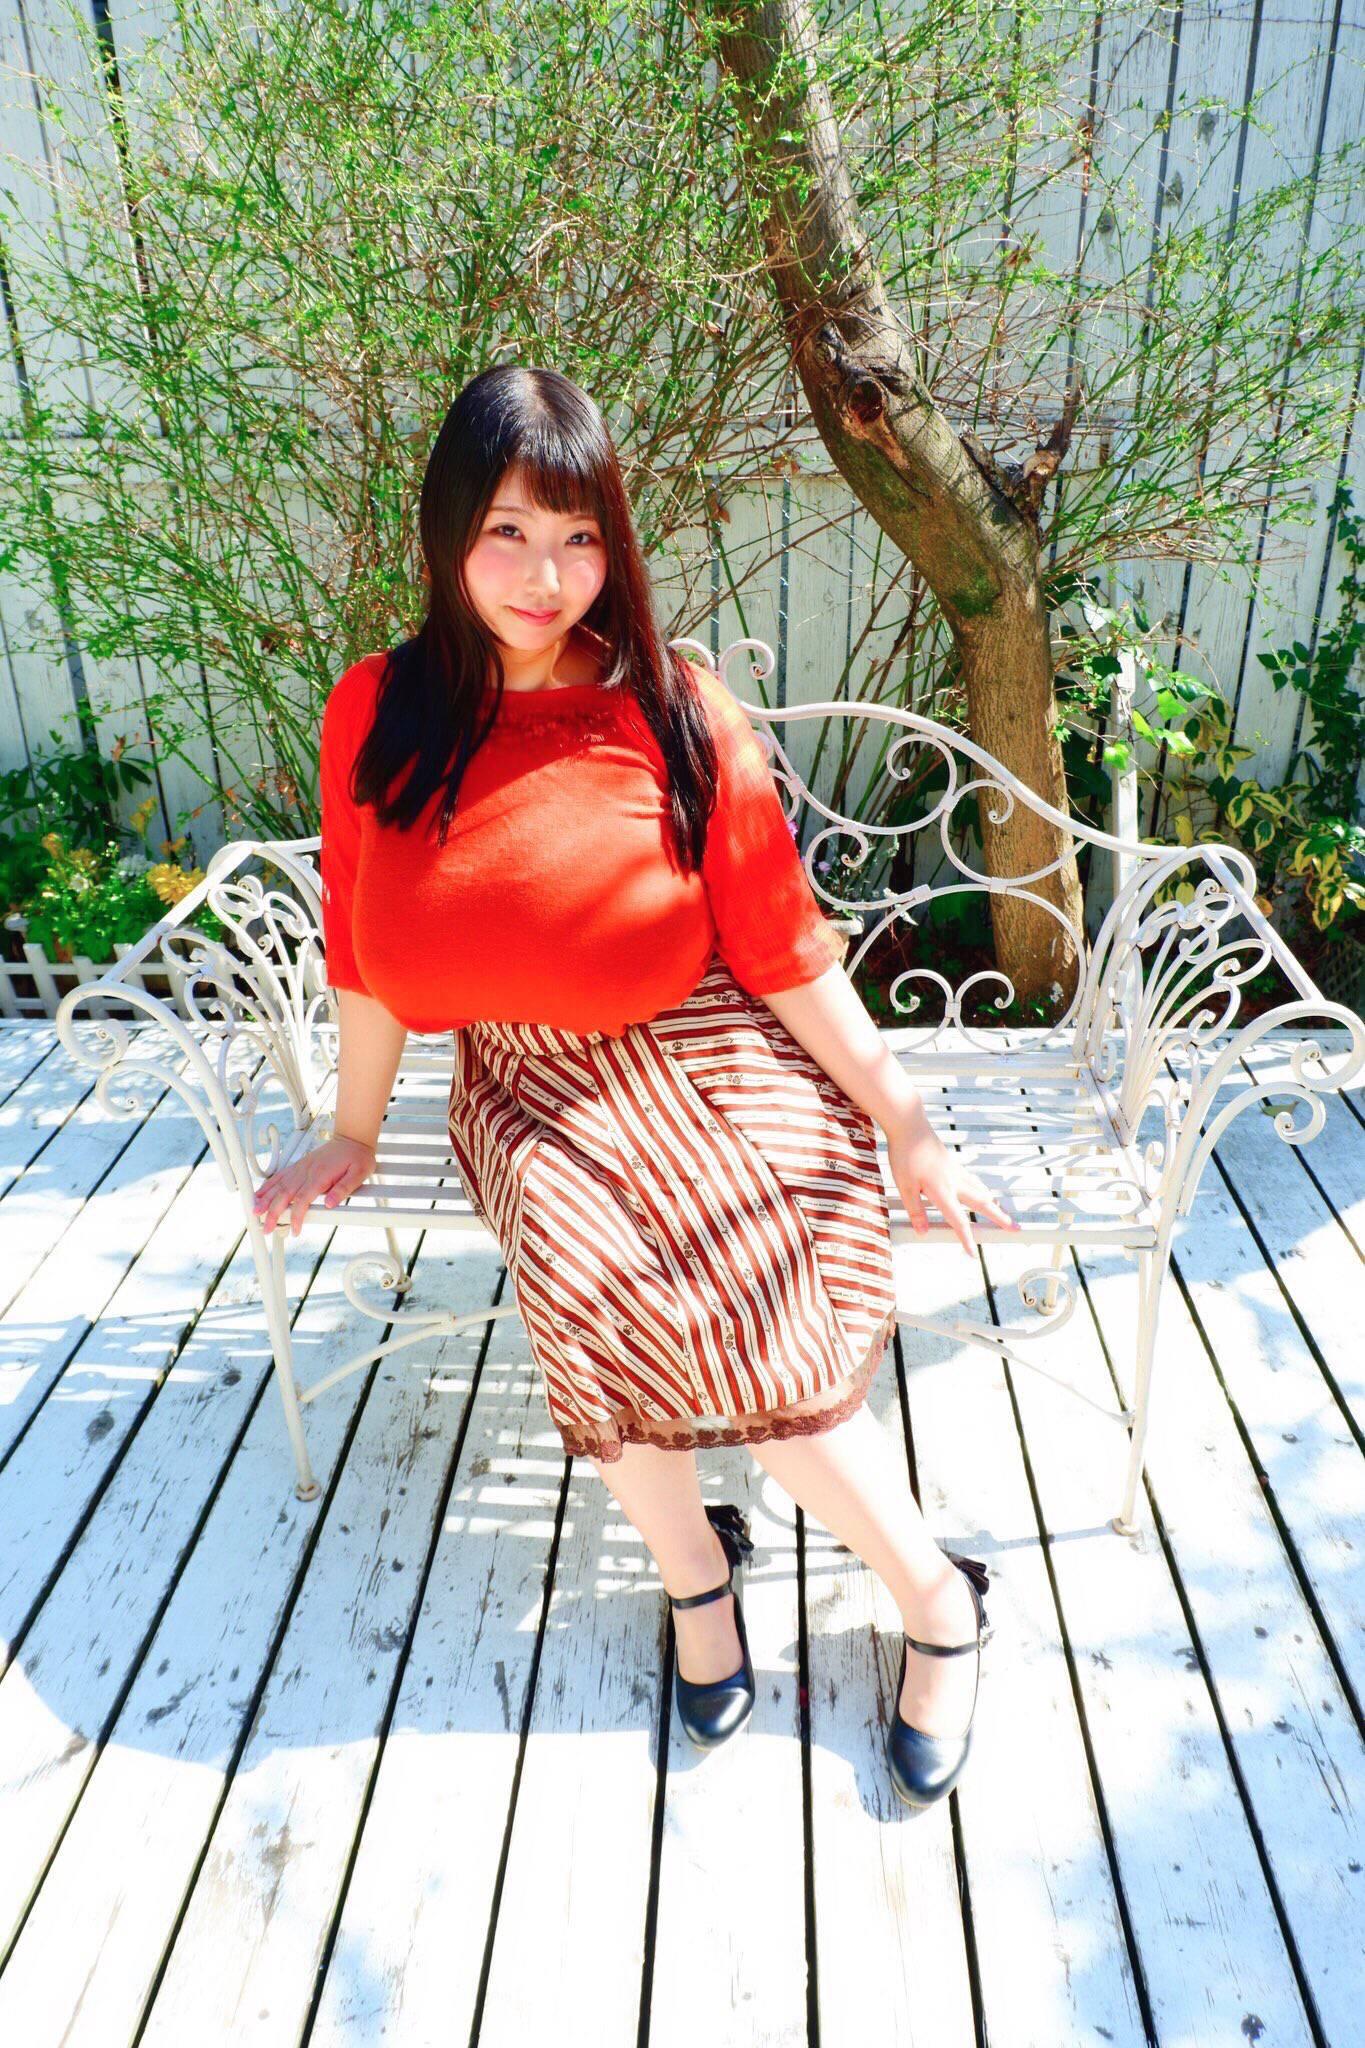 【画像】乳デカすぎて普通の生活送れなさそうな女子wwwww